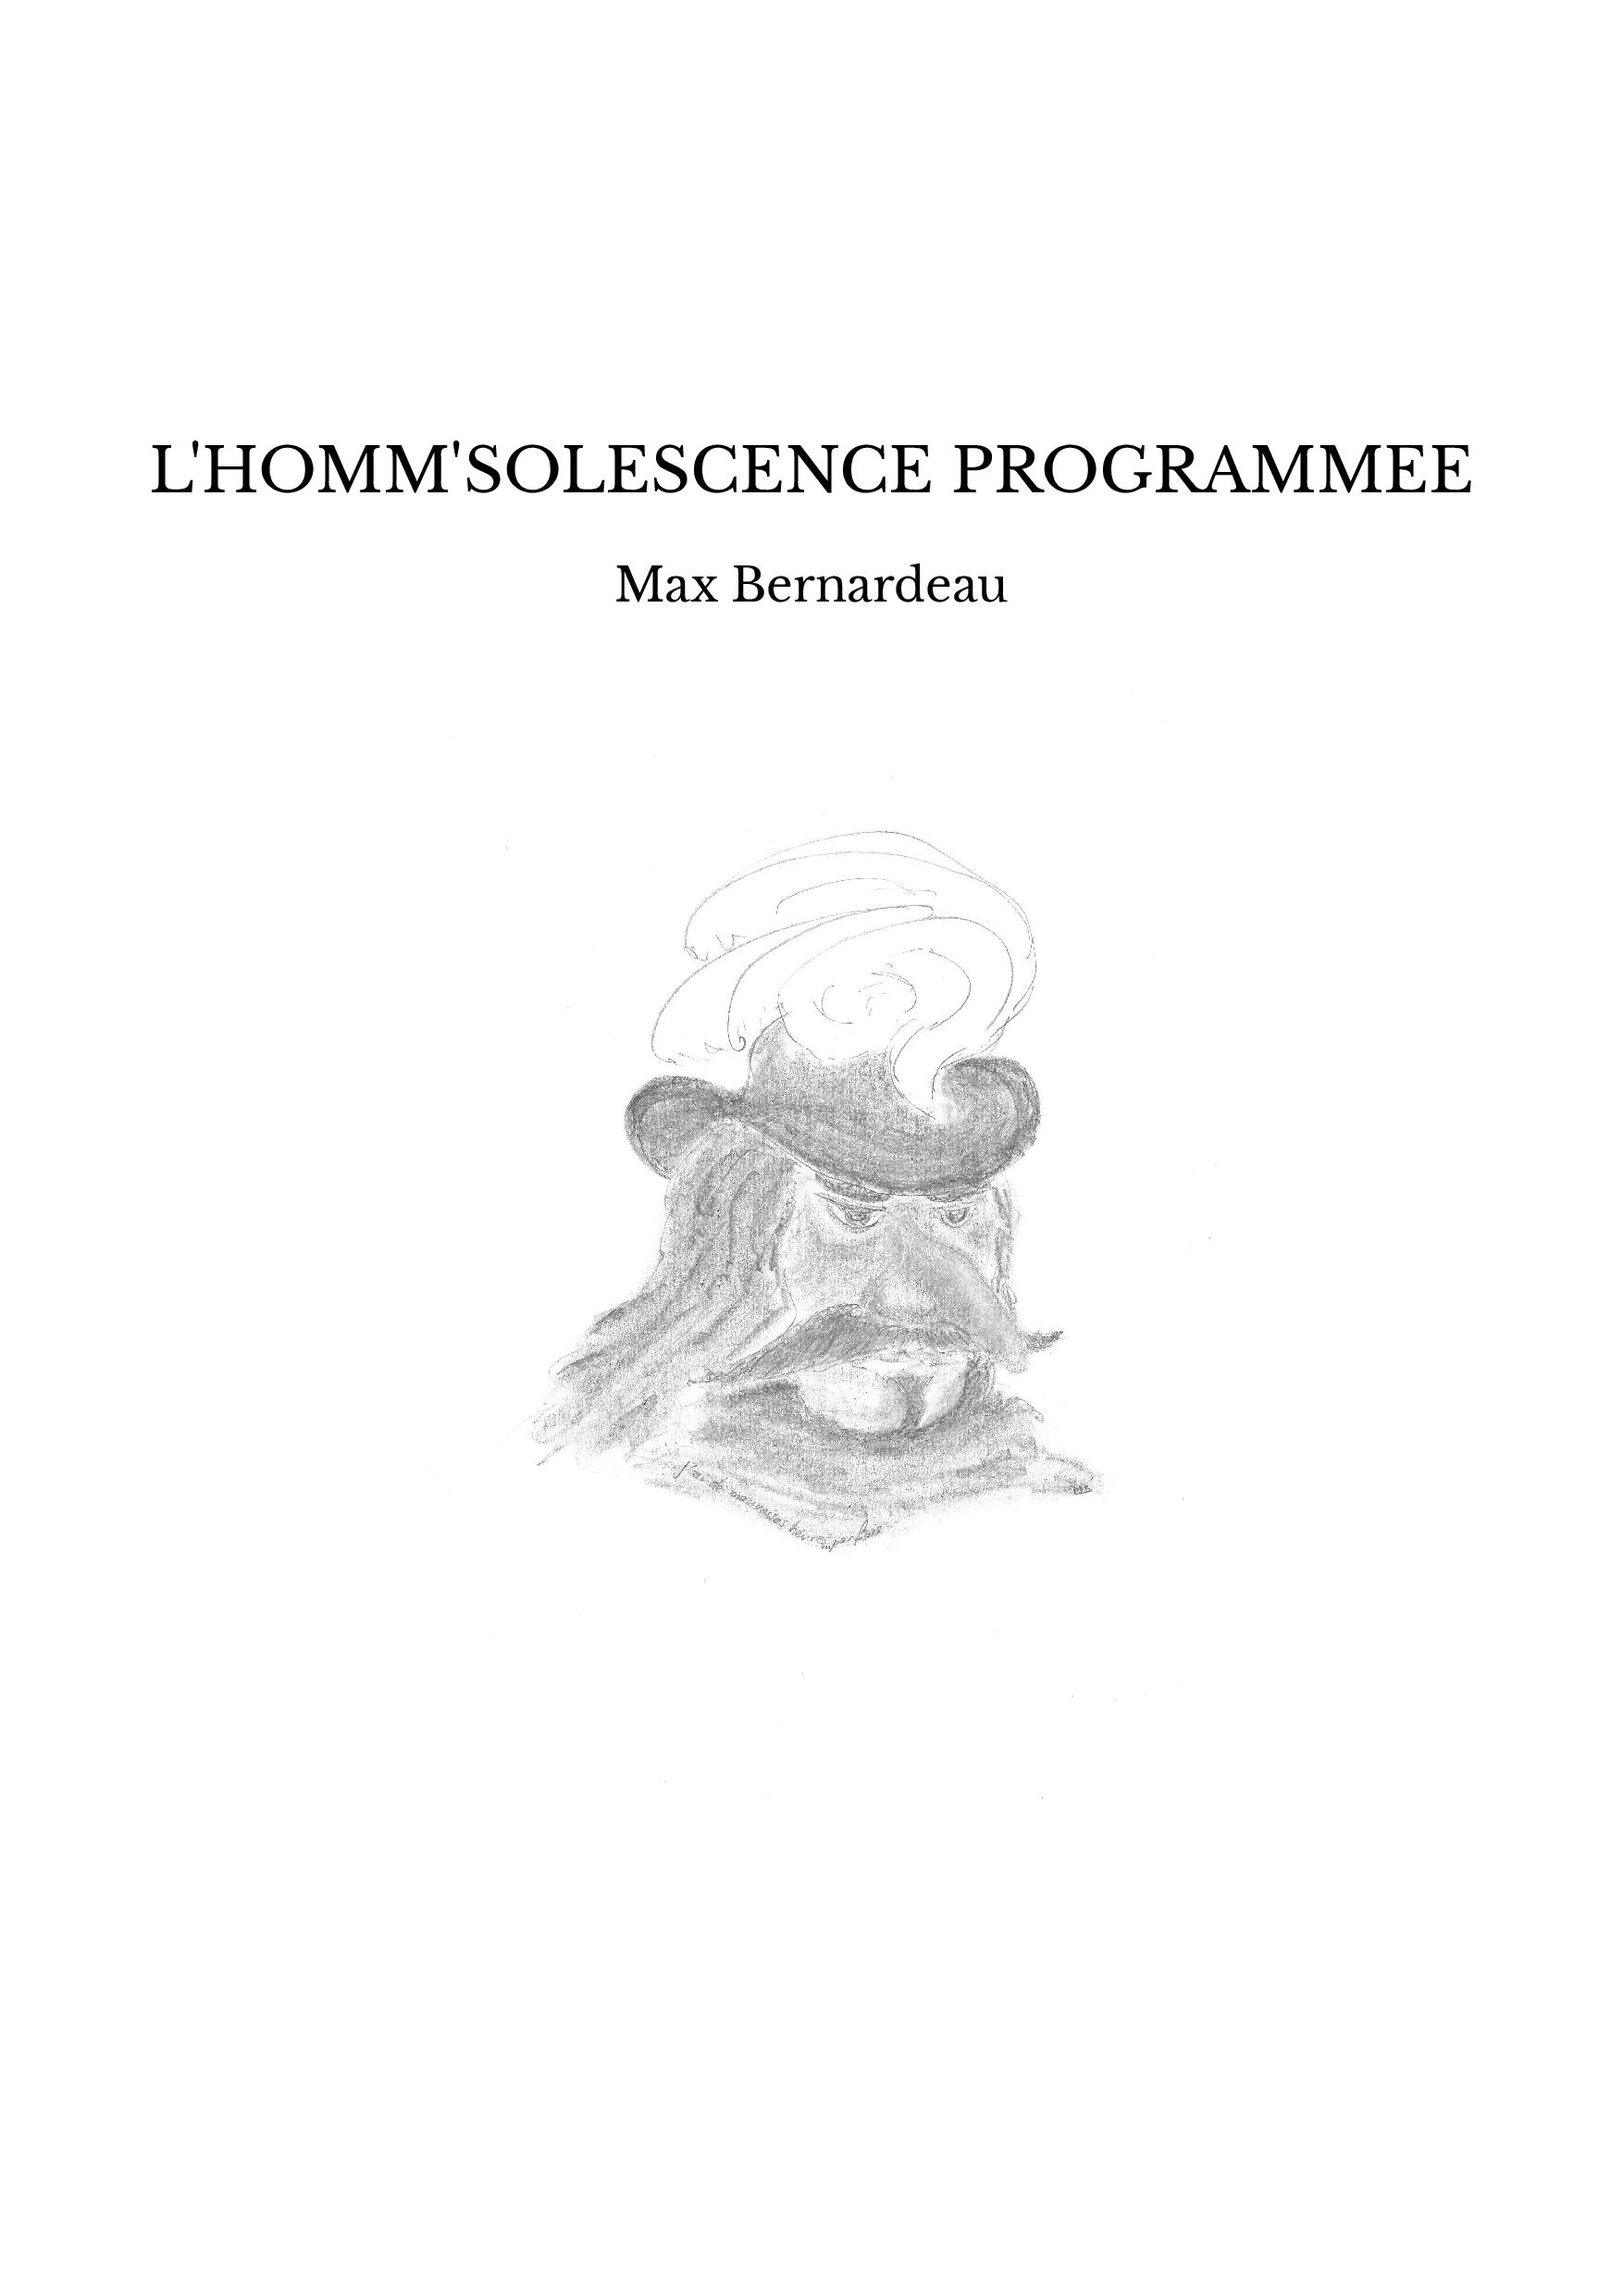 L'HOMM'SOLESCENCE PROGRAMMEE